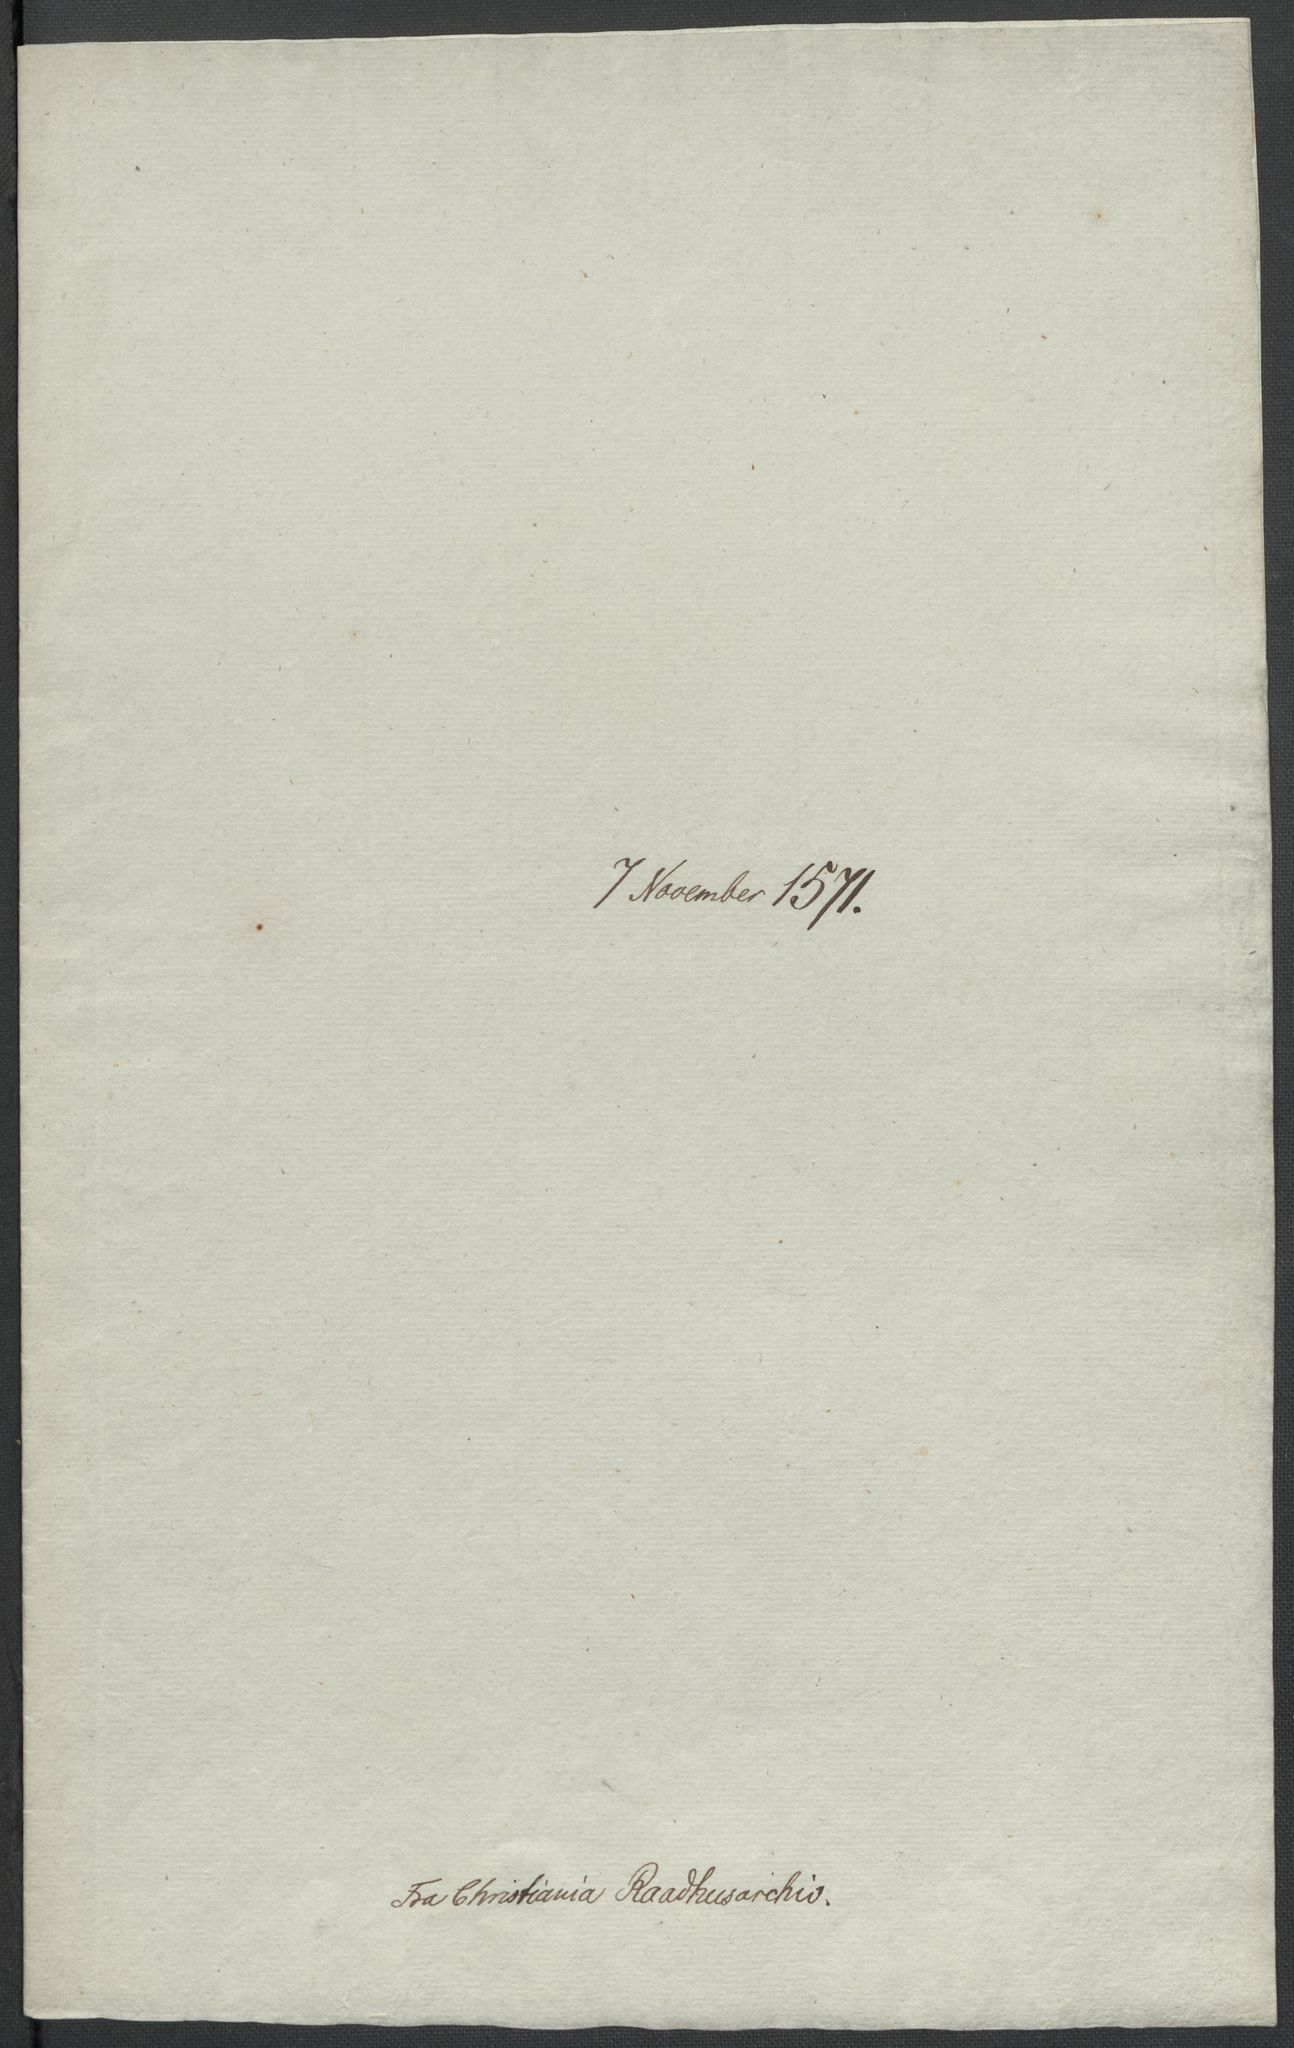 RA, Riksarkivets diplomsamling, F02/L0075: Dokumenter, 1570-1571, s. 68